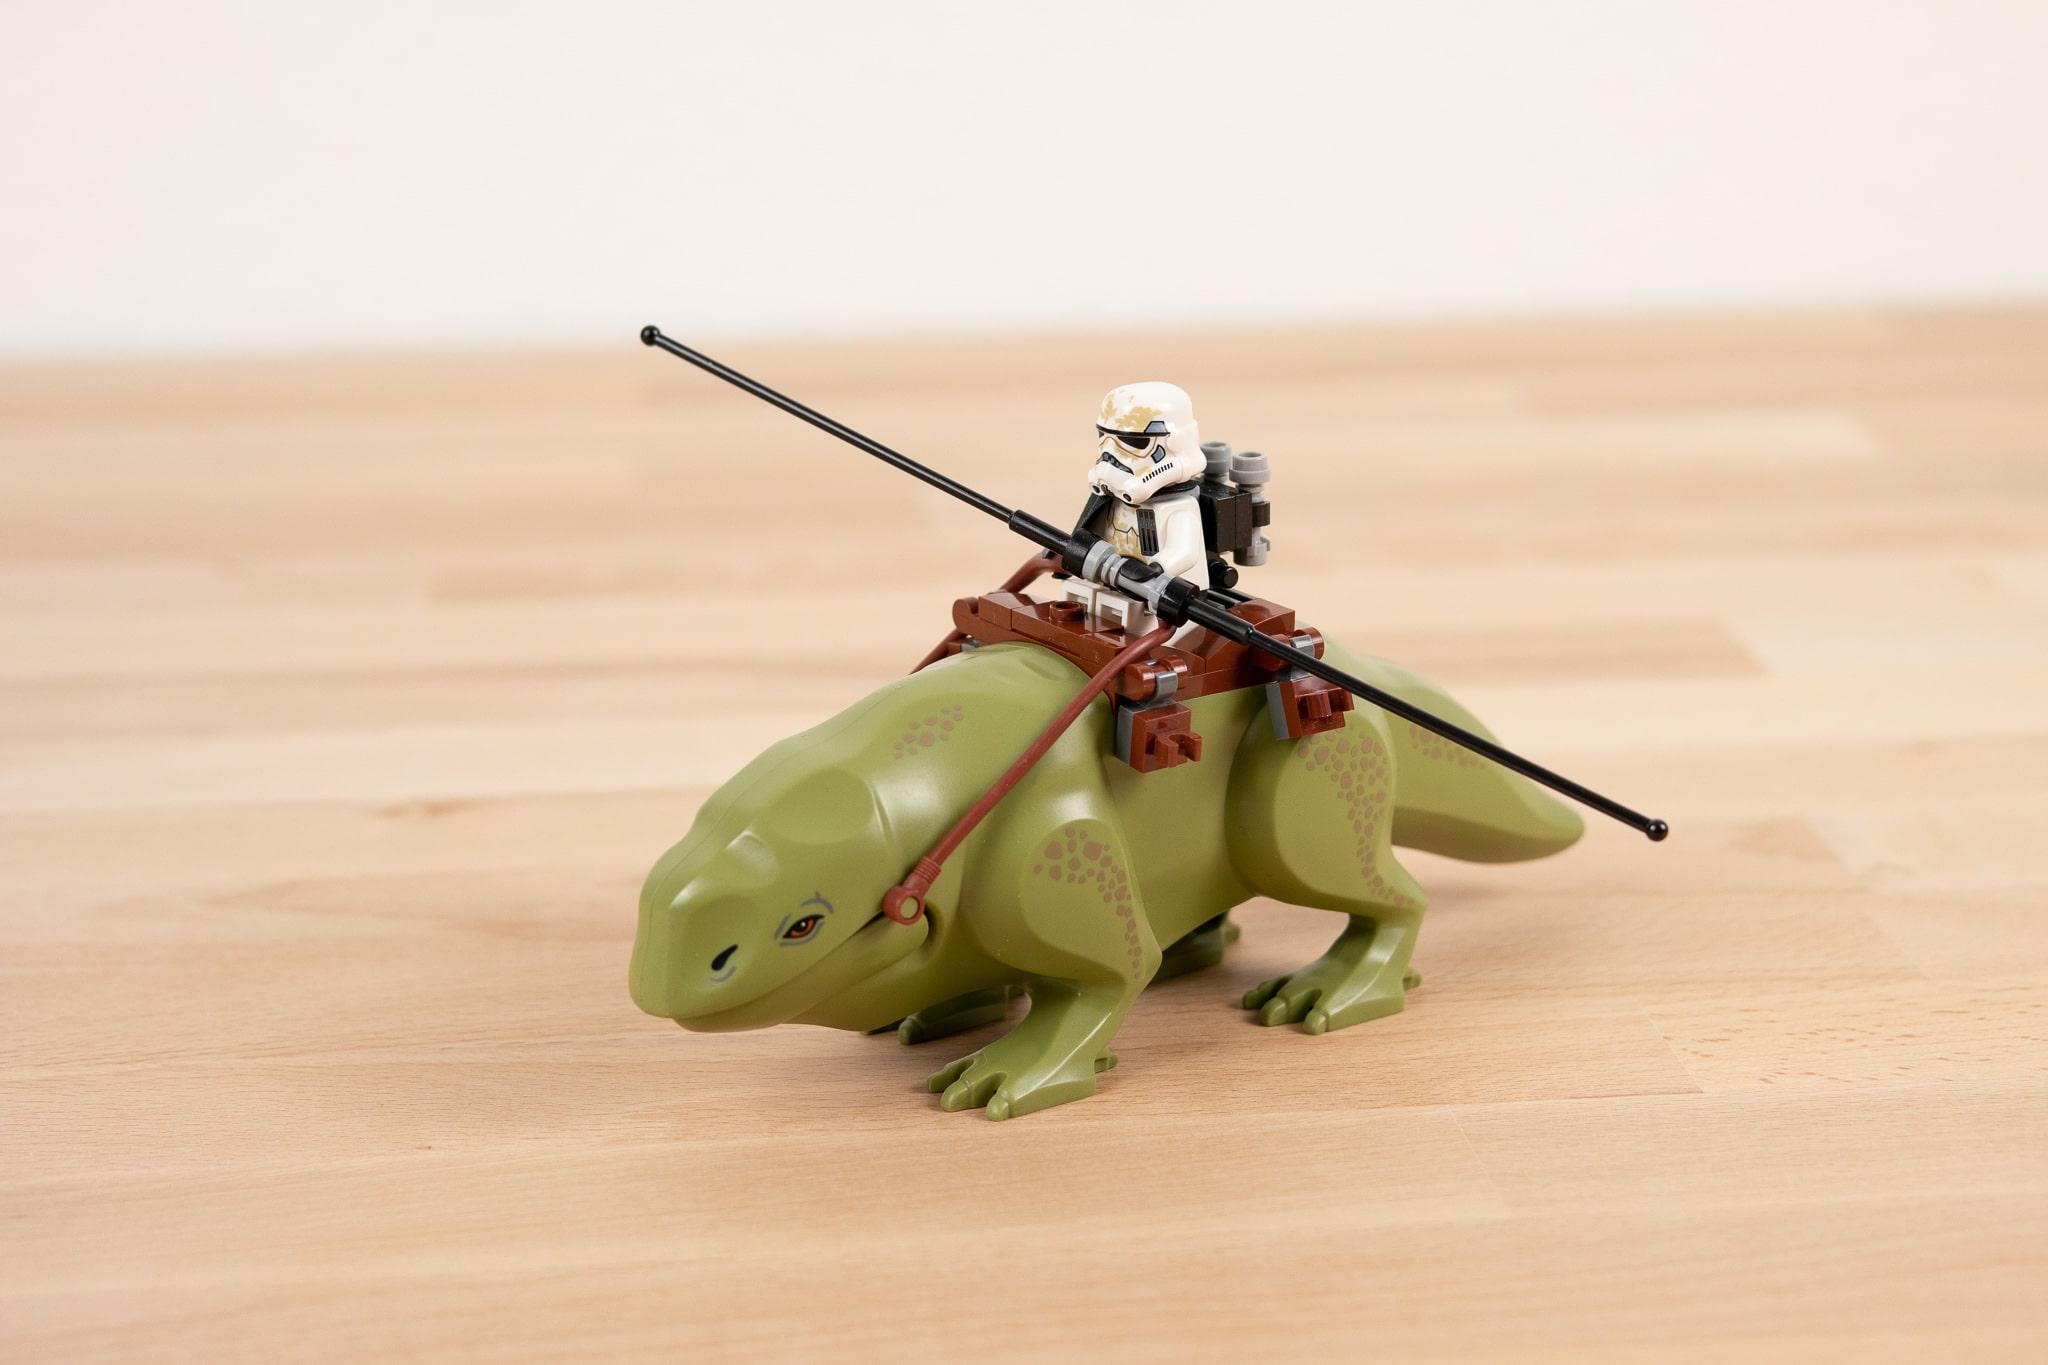 lego-star-wars-dewback